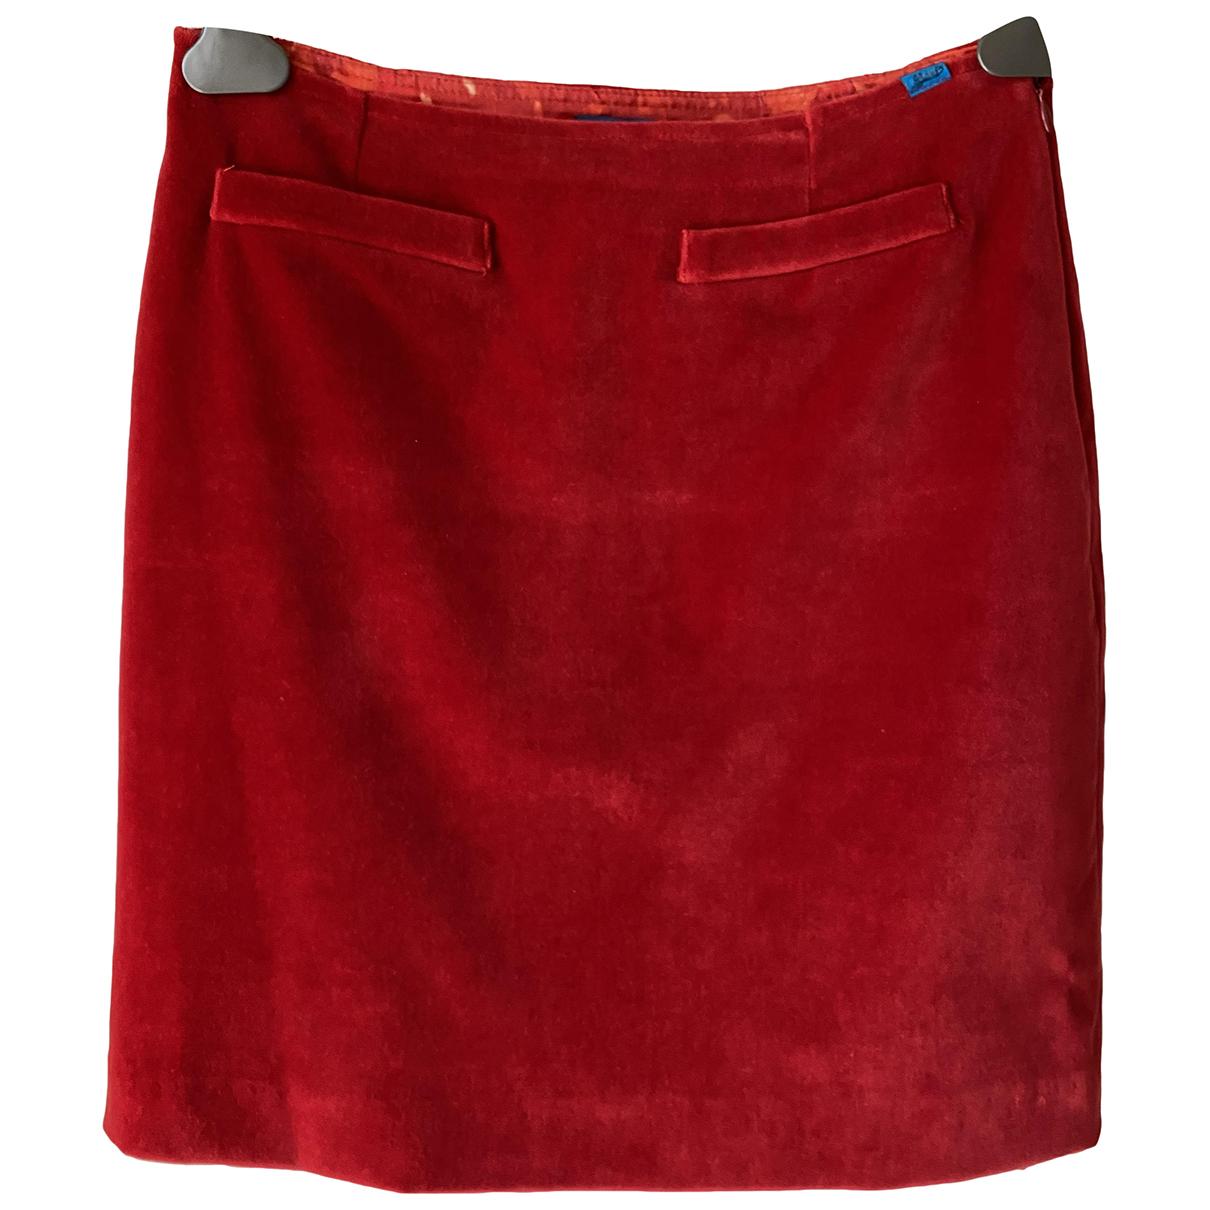 Christian Lacroix - Jupe   pour femme en velours - rouge